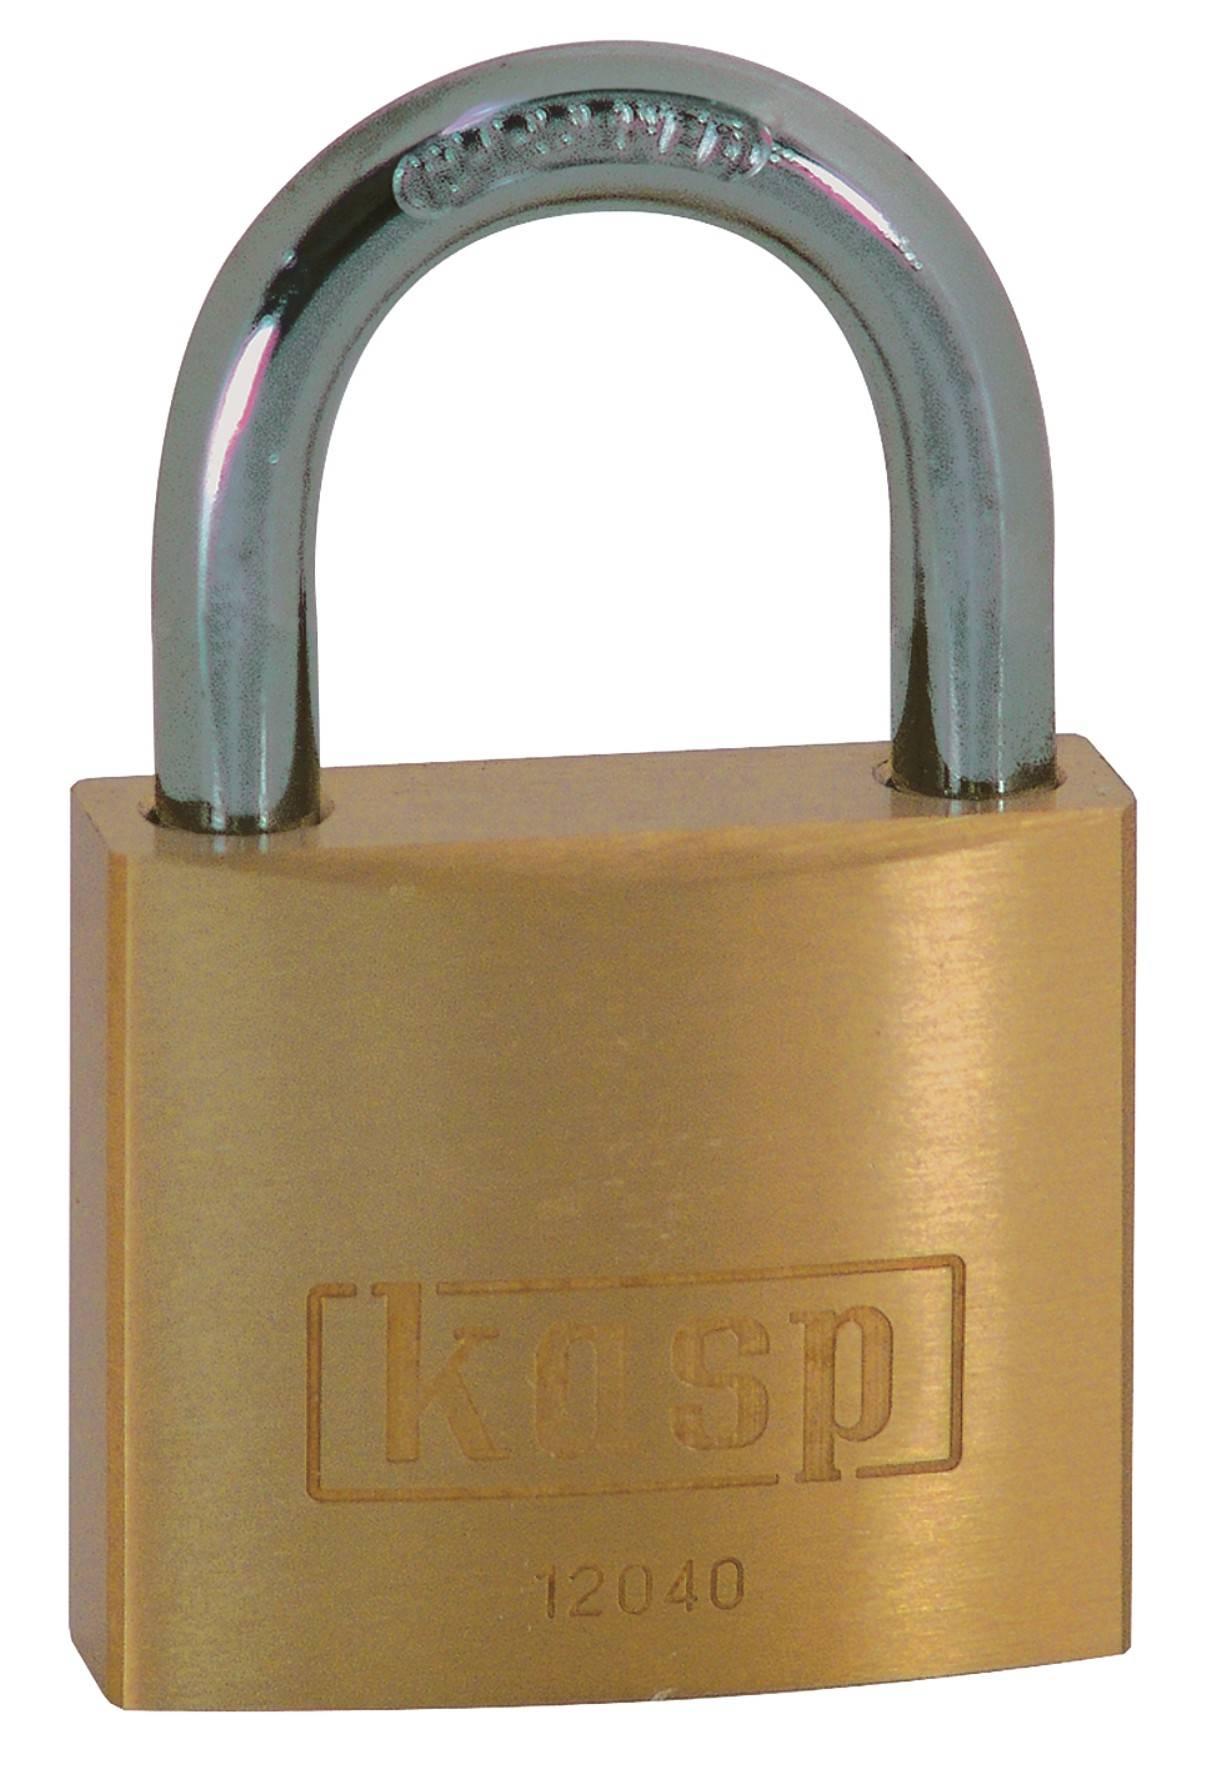 Visiaci zámok KASP, 40 mm, séria 120 K12040A1